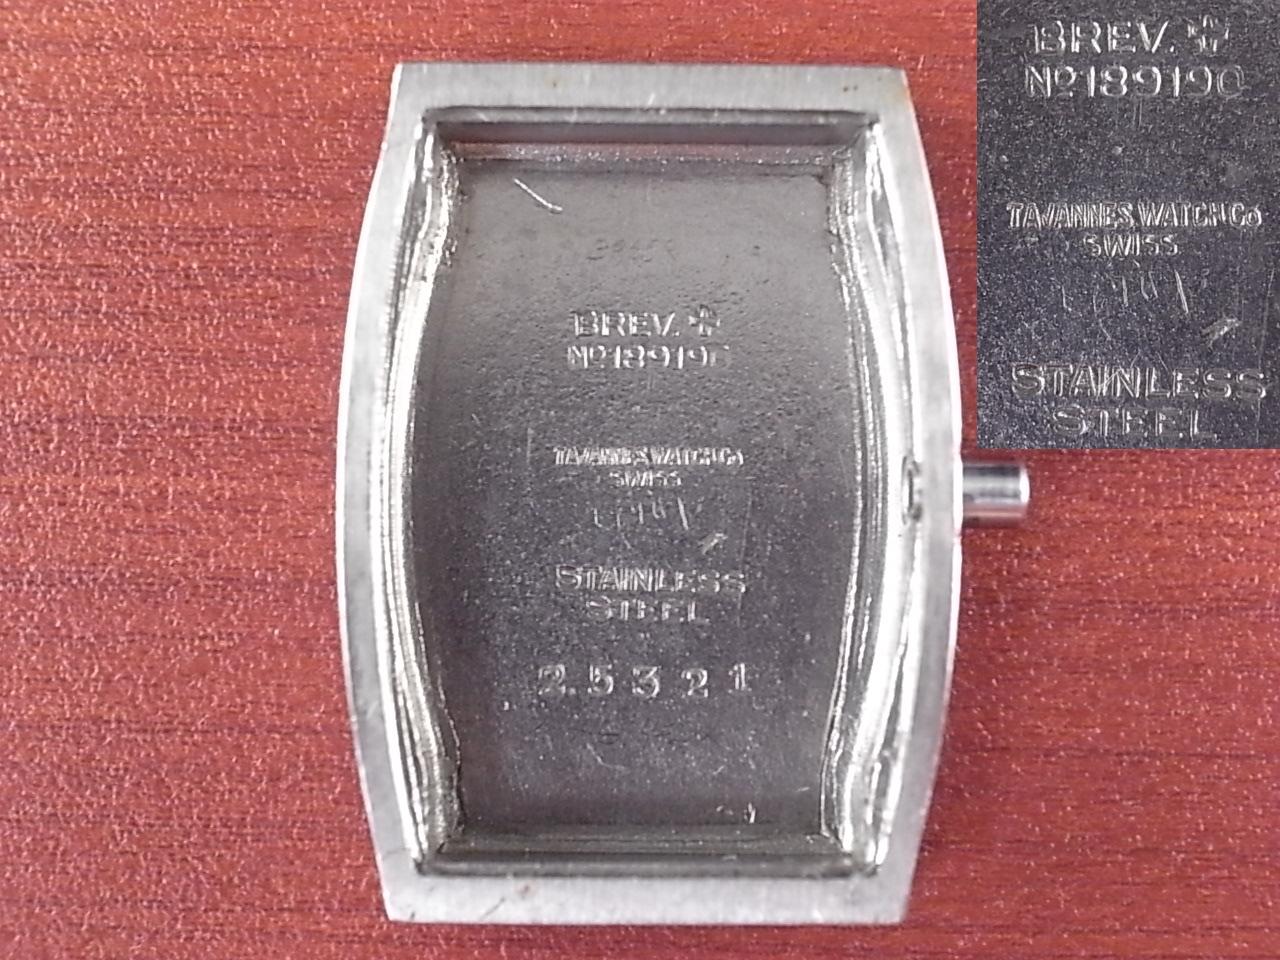 タバン トノー4つビス防水ケース ボンクリップ バンブーブレス付き 1940年代の写真6枚目